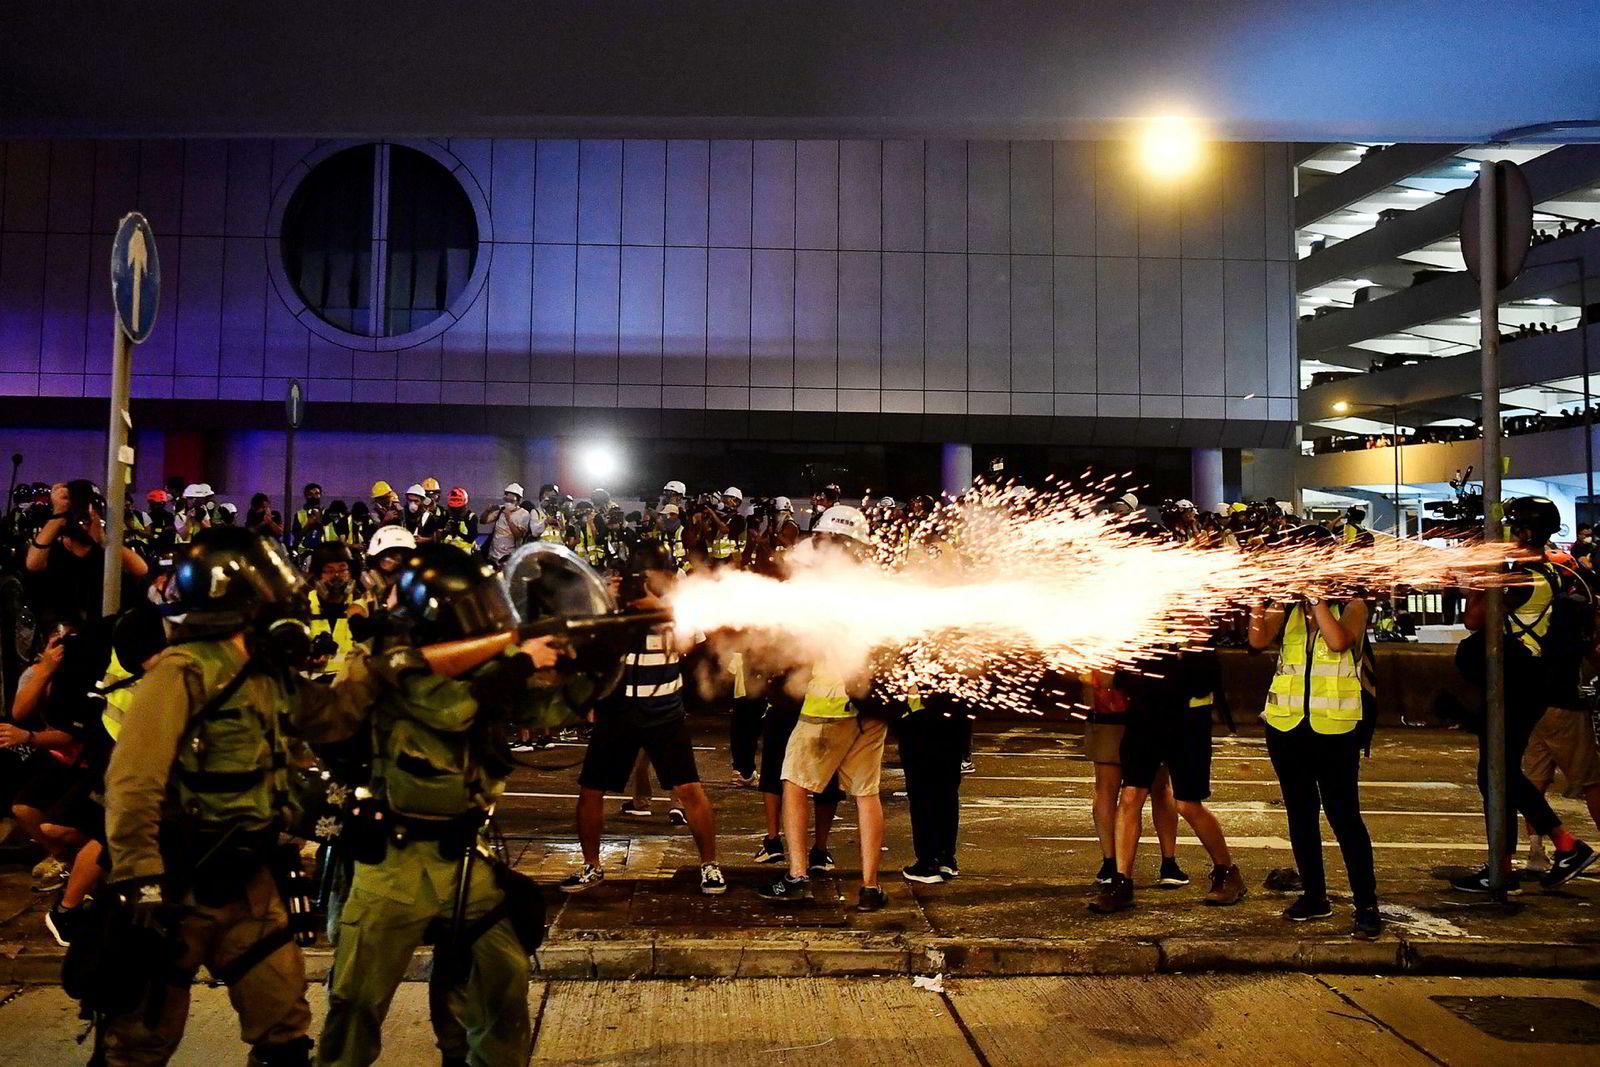 En politimann skyter tåregassgranat mot demonstrantene for å spre de etter en demonstrasjon.